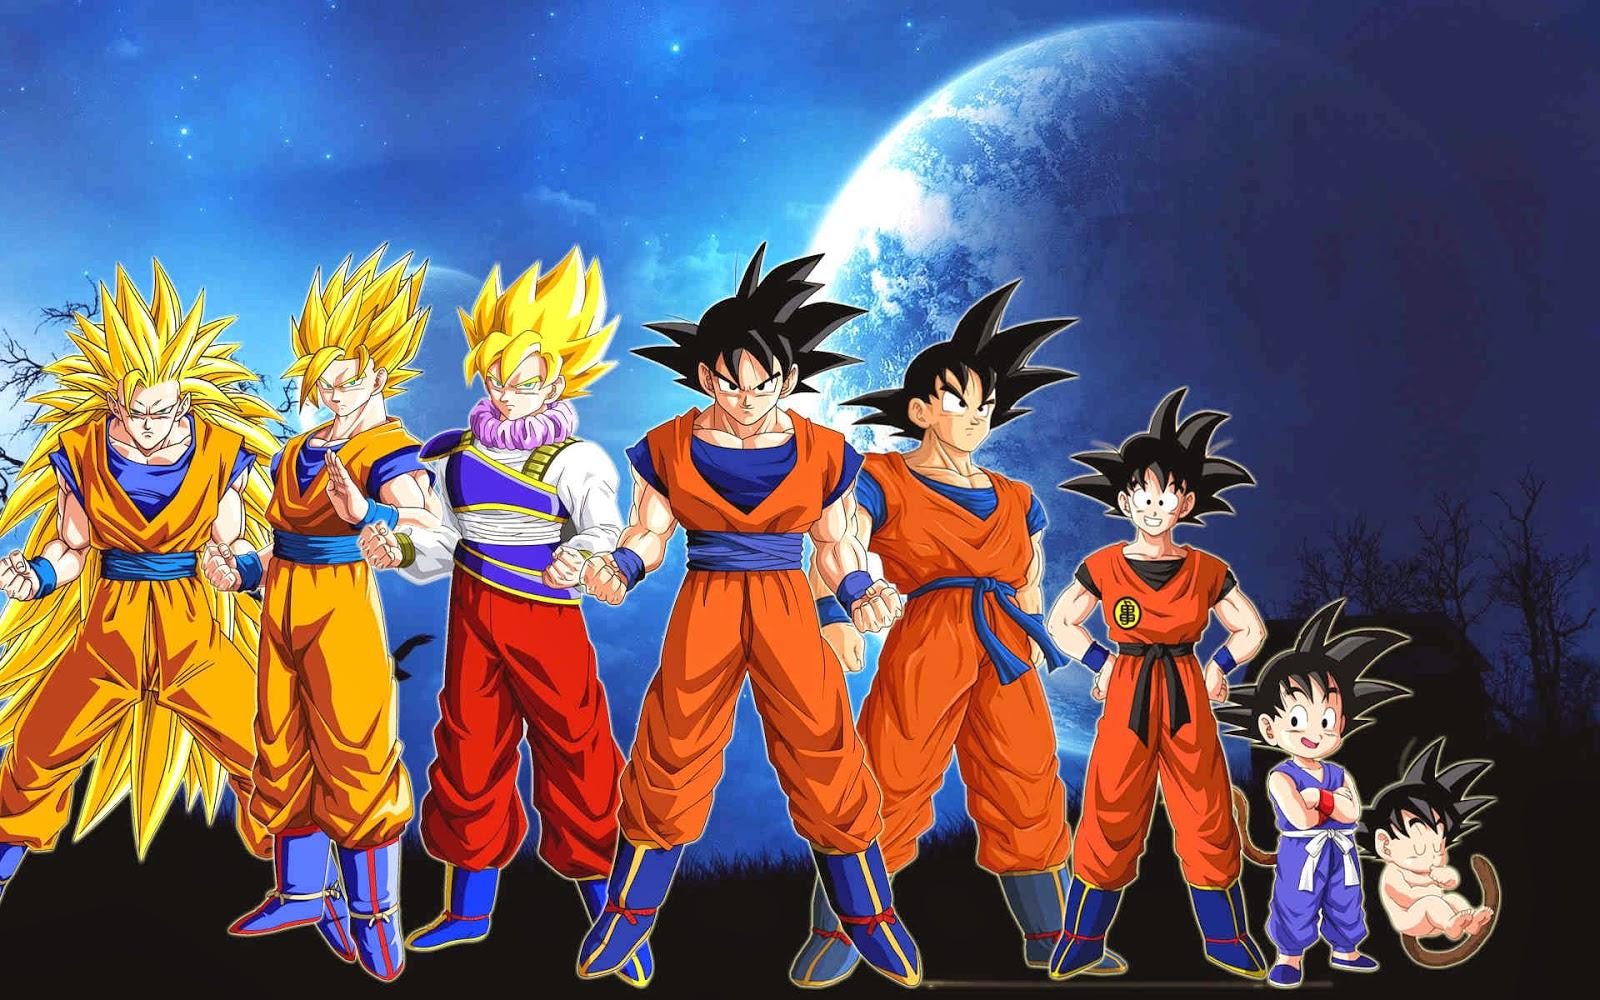 Dragon Ball Goku Wallpapers (46 Wallpapers) - Adorable Wallpapers